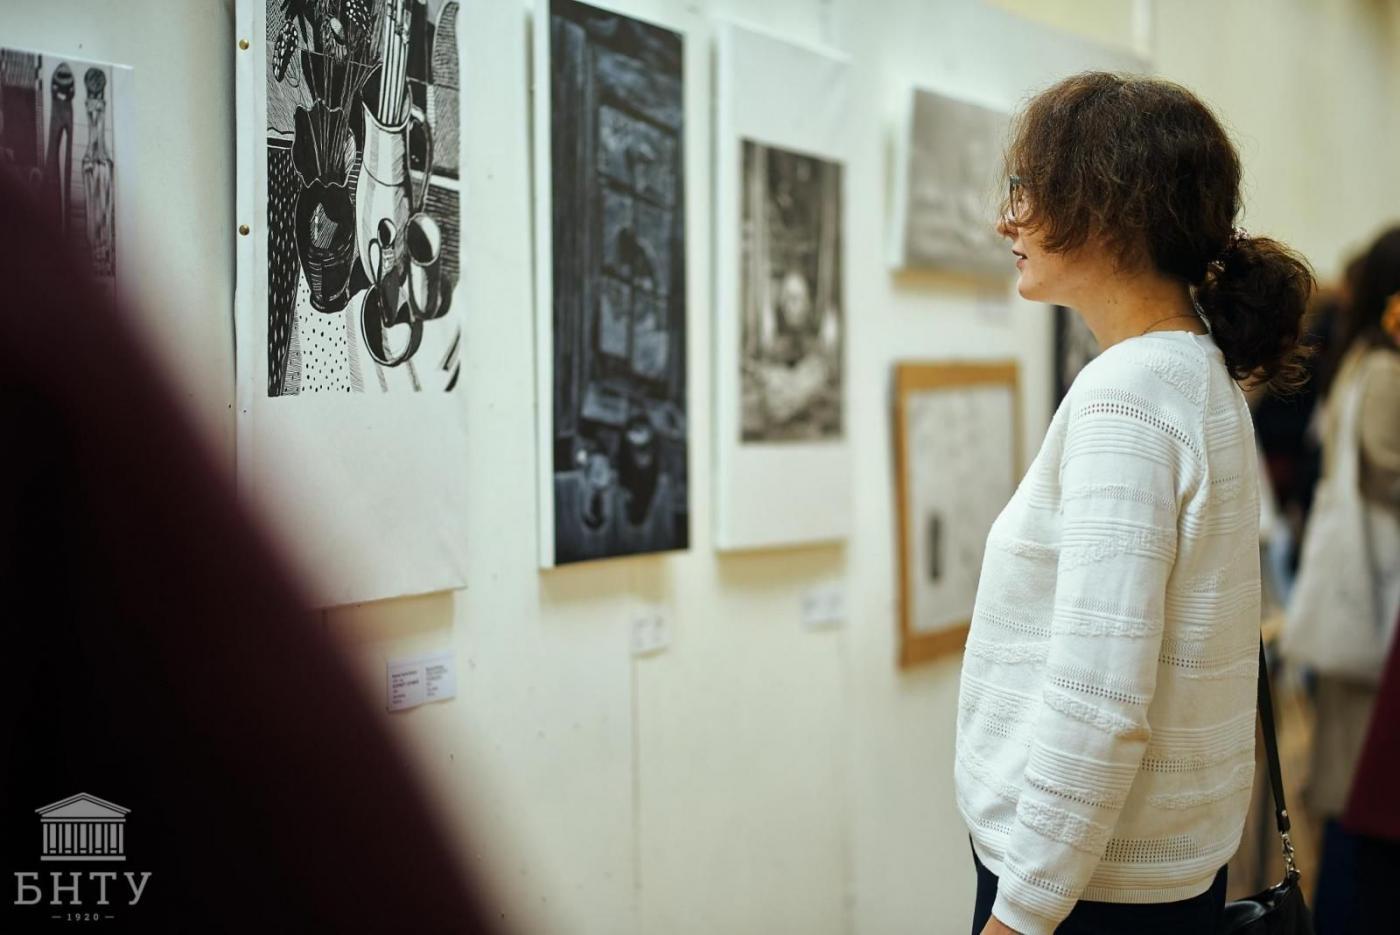 На ФТУГ открылась выставка художественных работ студентов. Оцените их мастерство